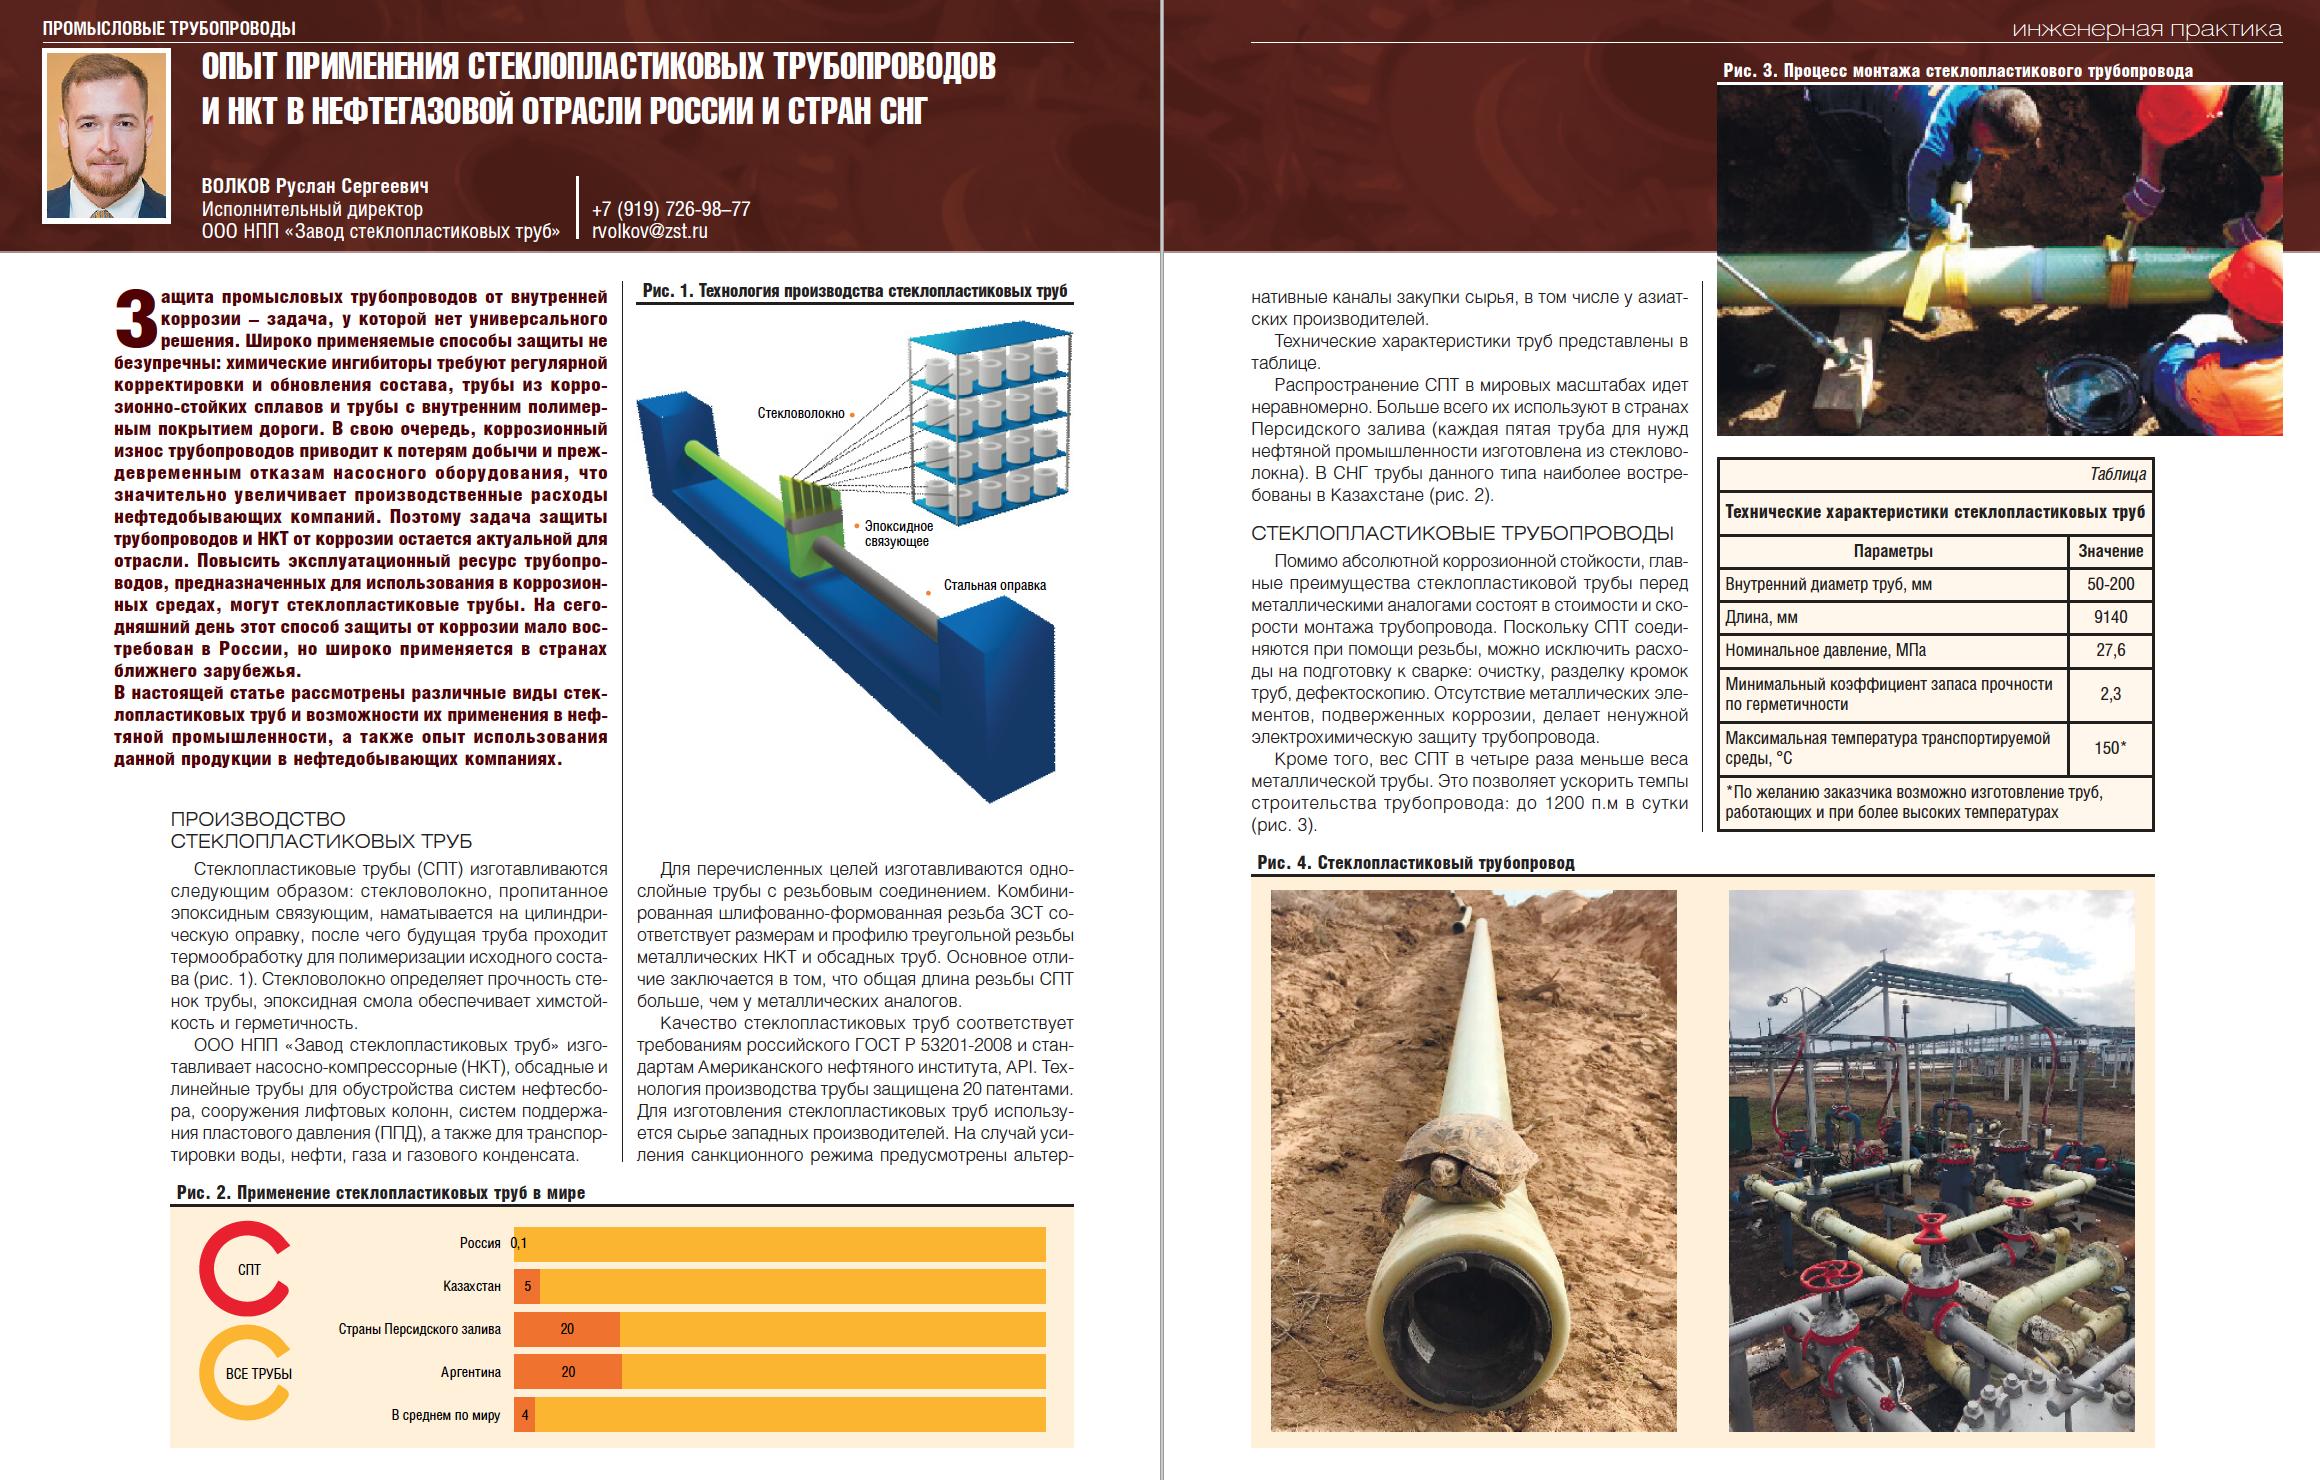 28836 Опыт применения стеклопластиковых трубопроводов и НКТ в нефтегазовой отрасли России и стран СНГ